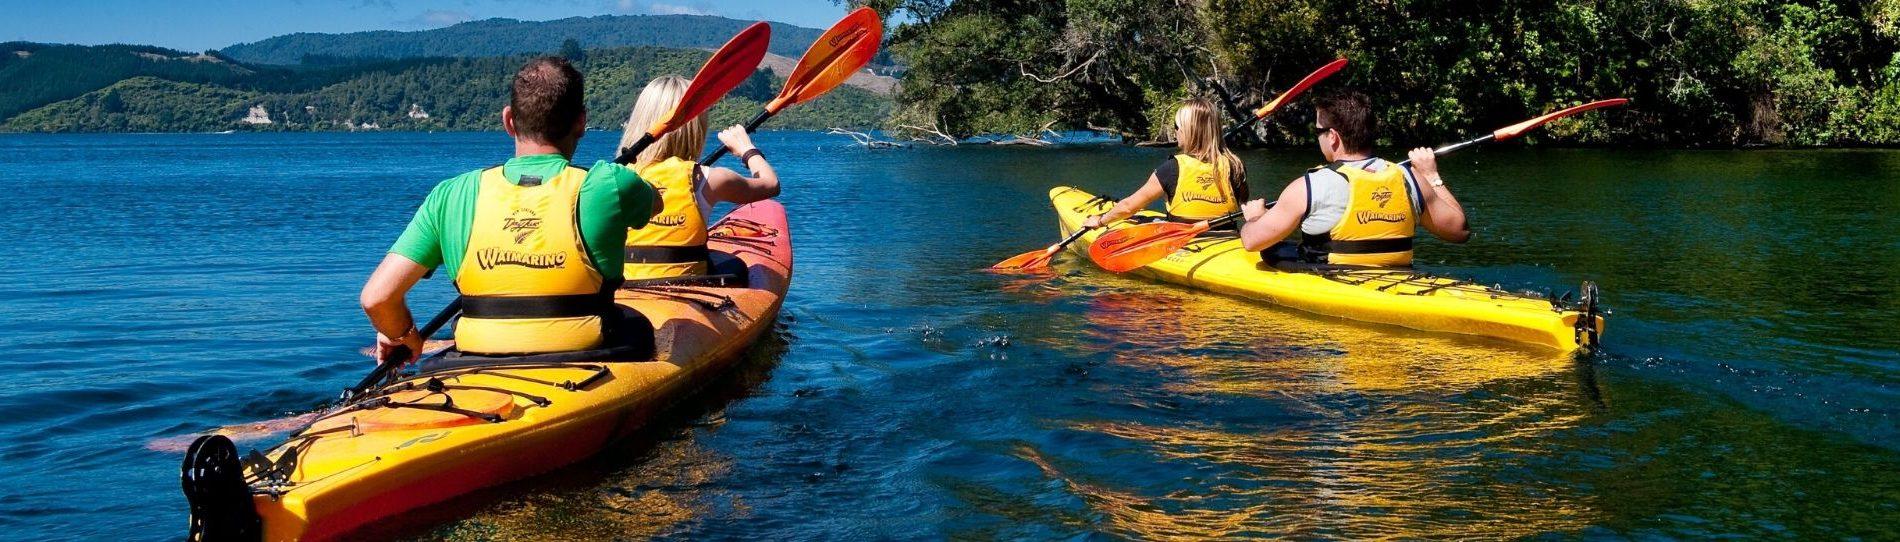 tauranga bucks adventure park